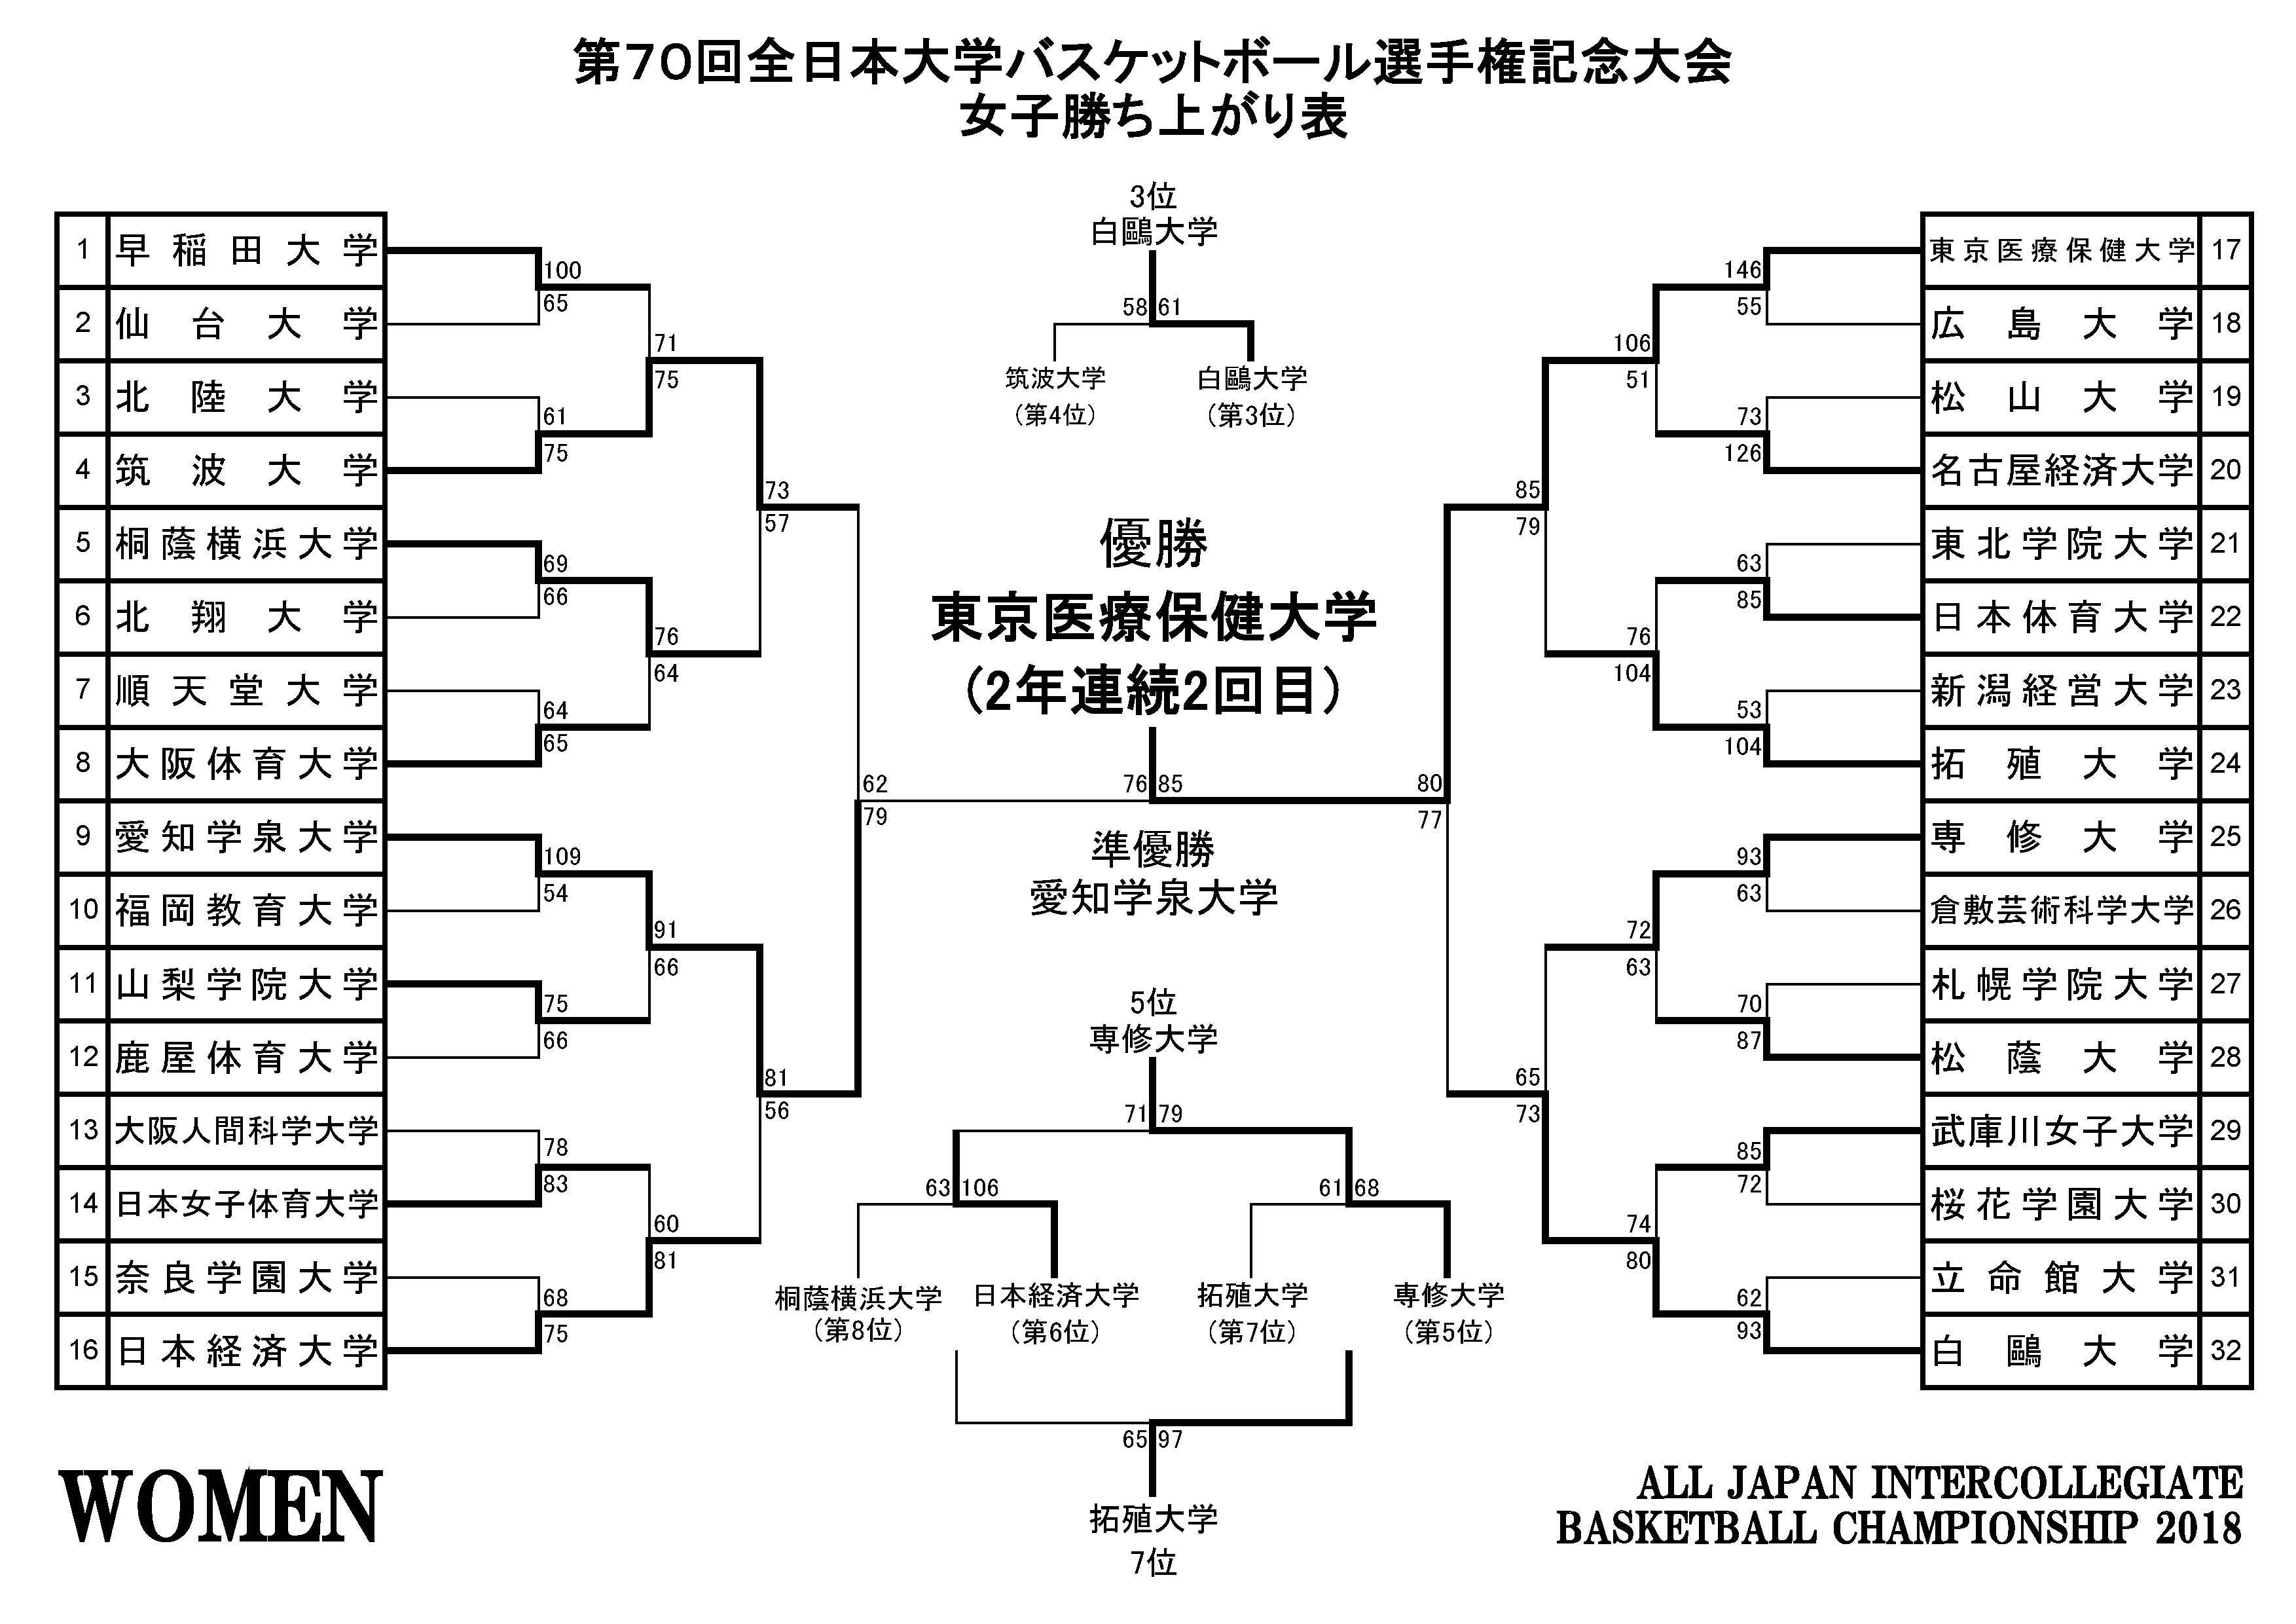 2018インカレバスケ 女子試合結果! | バスケットボールライン.com